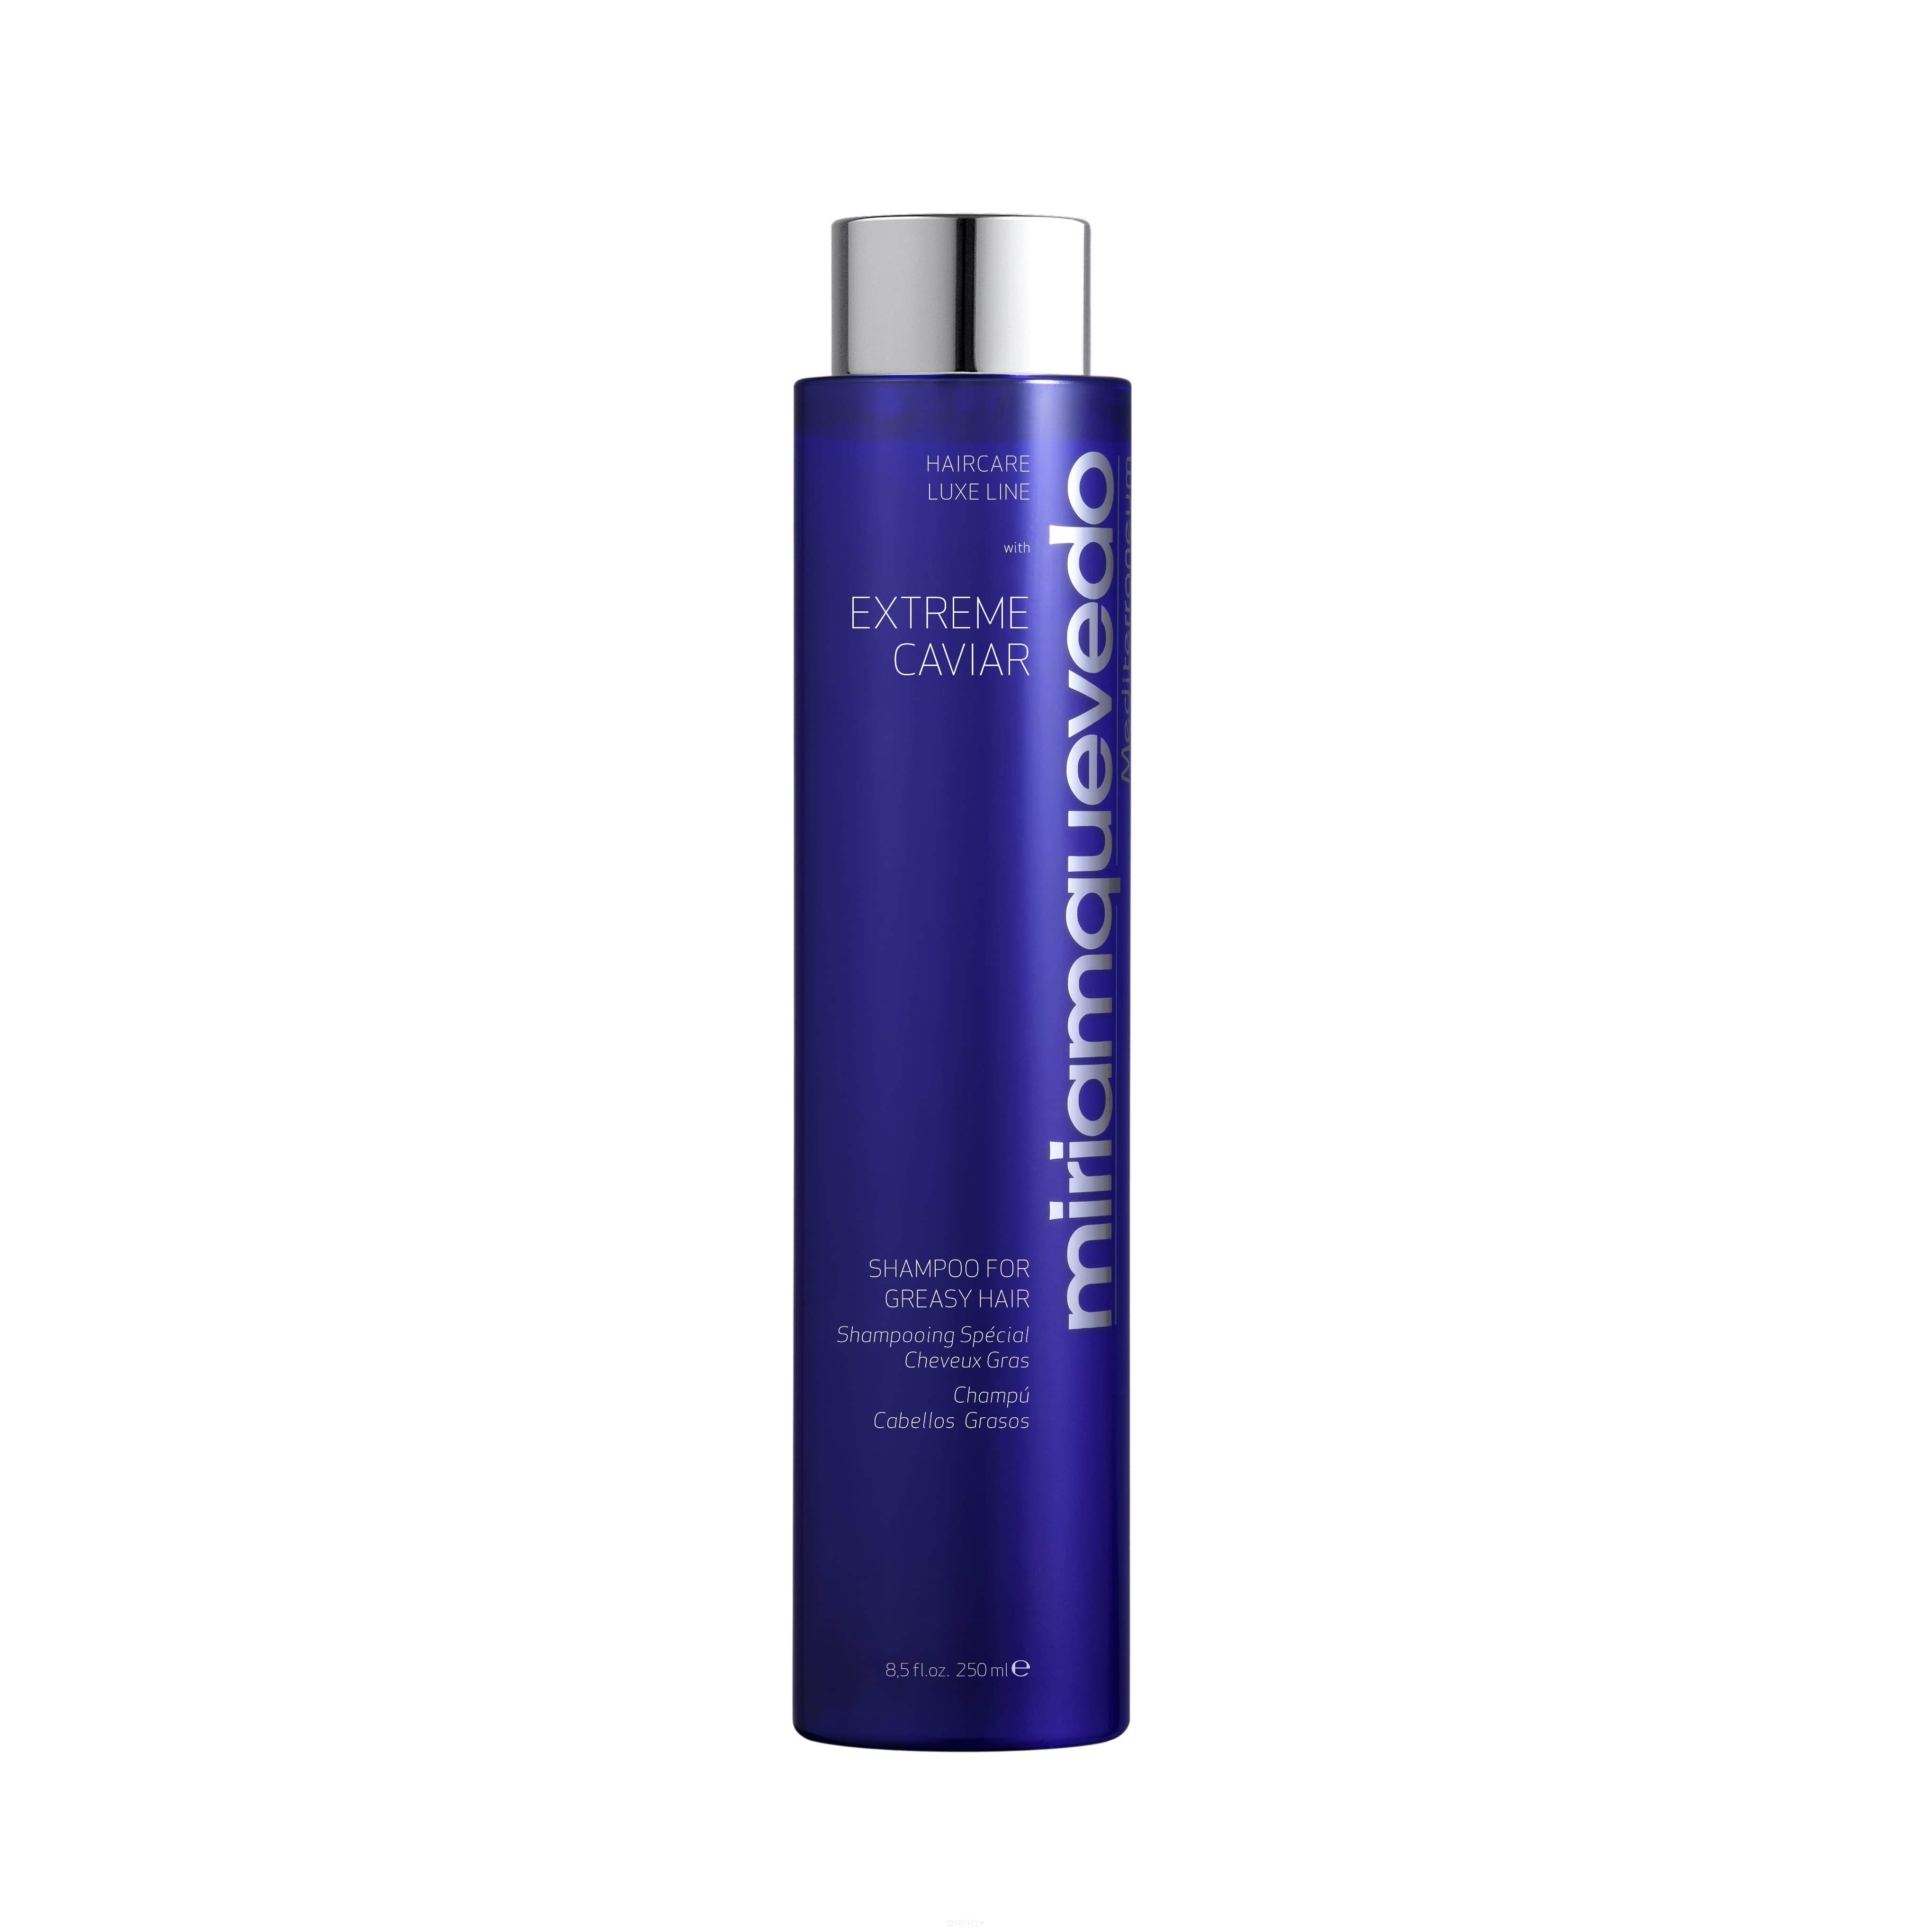 цена MiriamQuevedo, Шампунь для жирных волос с экстрактом черной икры Extreme Caviar Shampoo for Greasy Hair, 250 мл